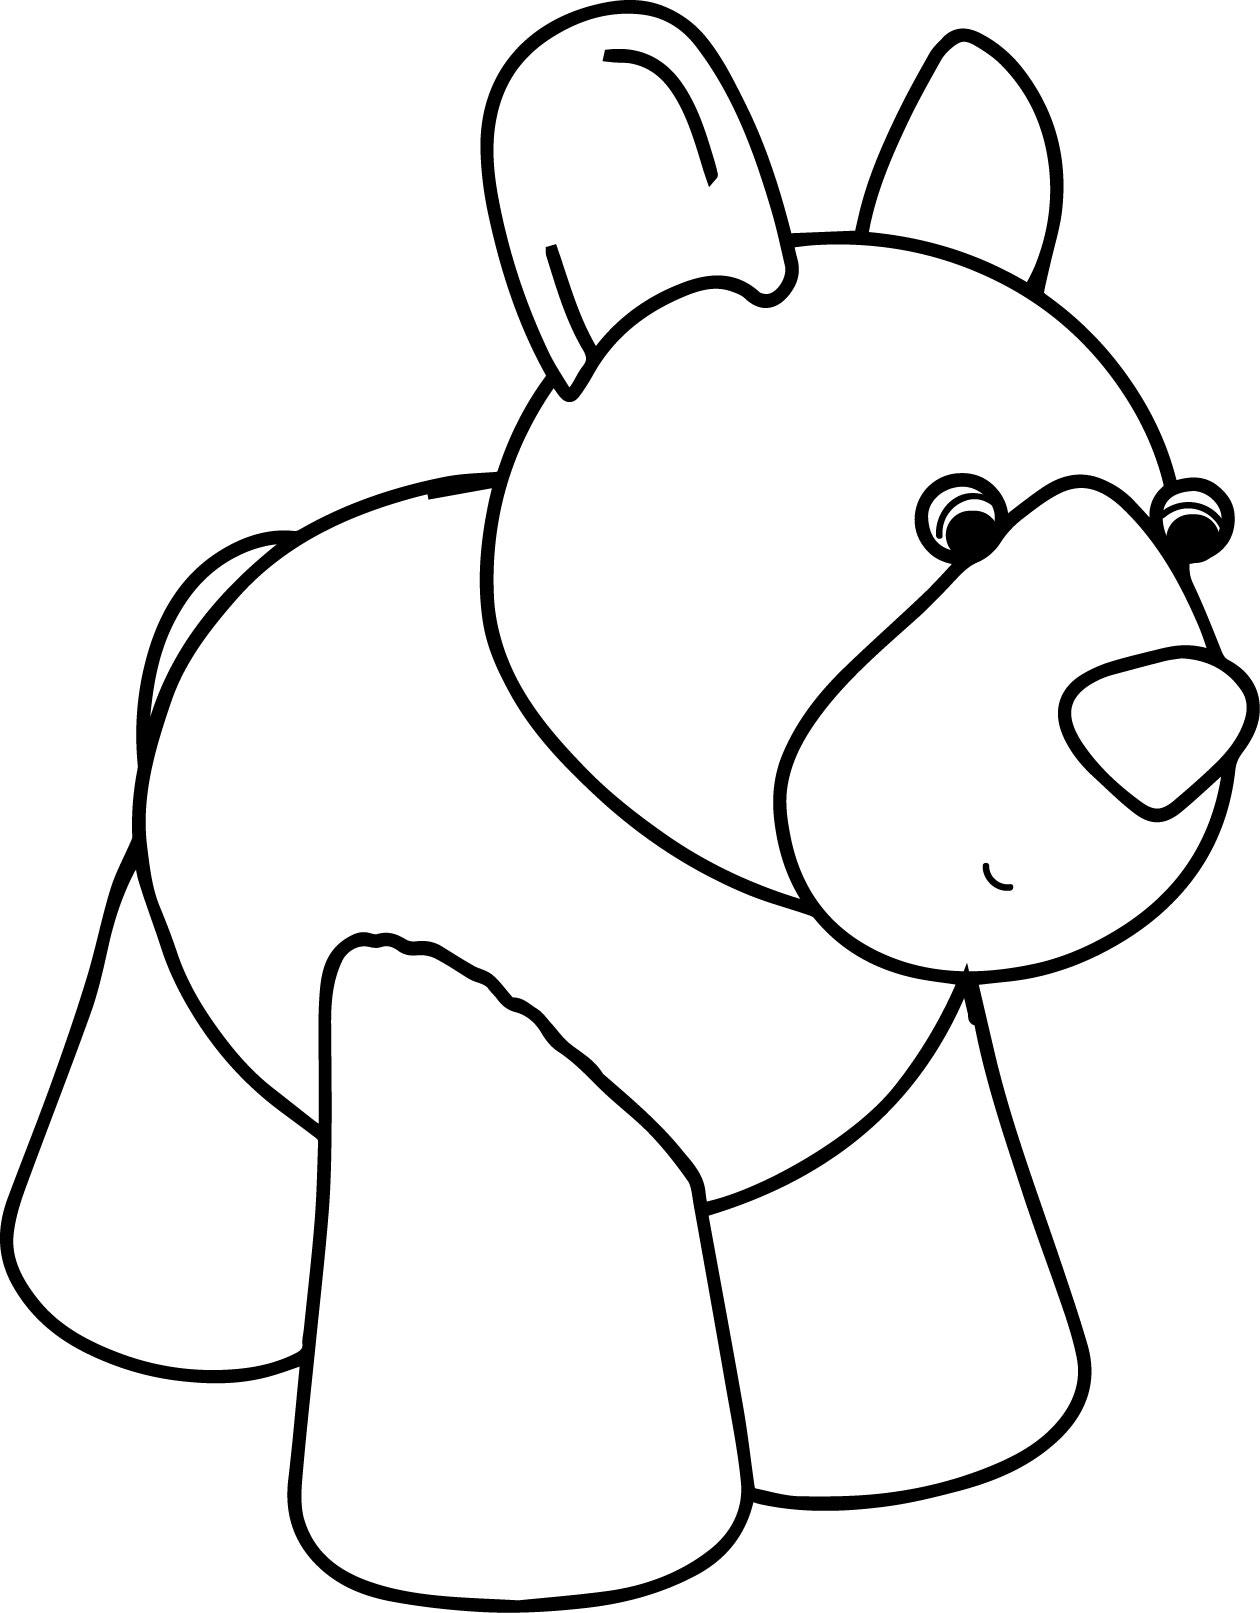 Waiting Cartoon Dog Coloring Page And Sheet